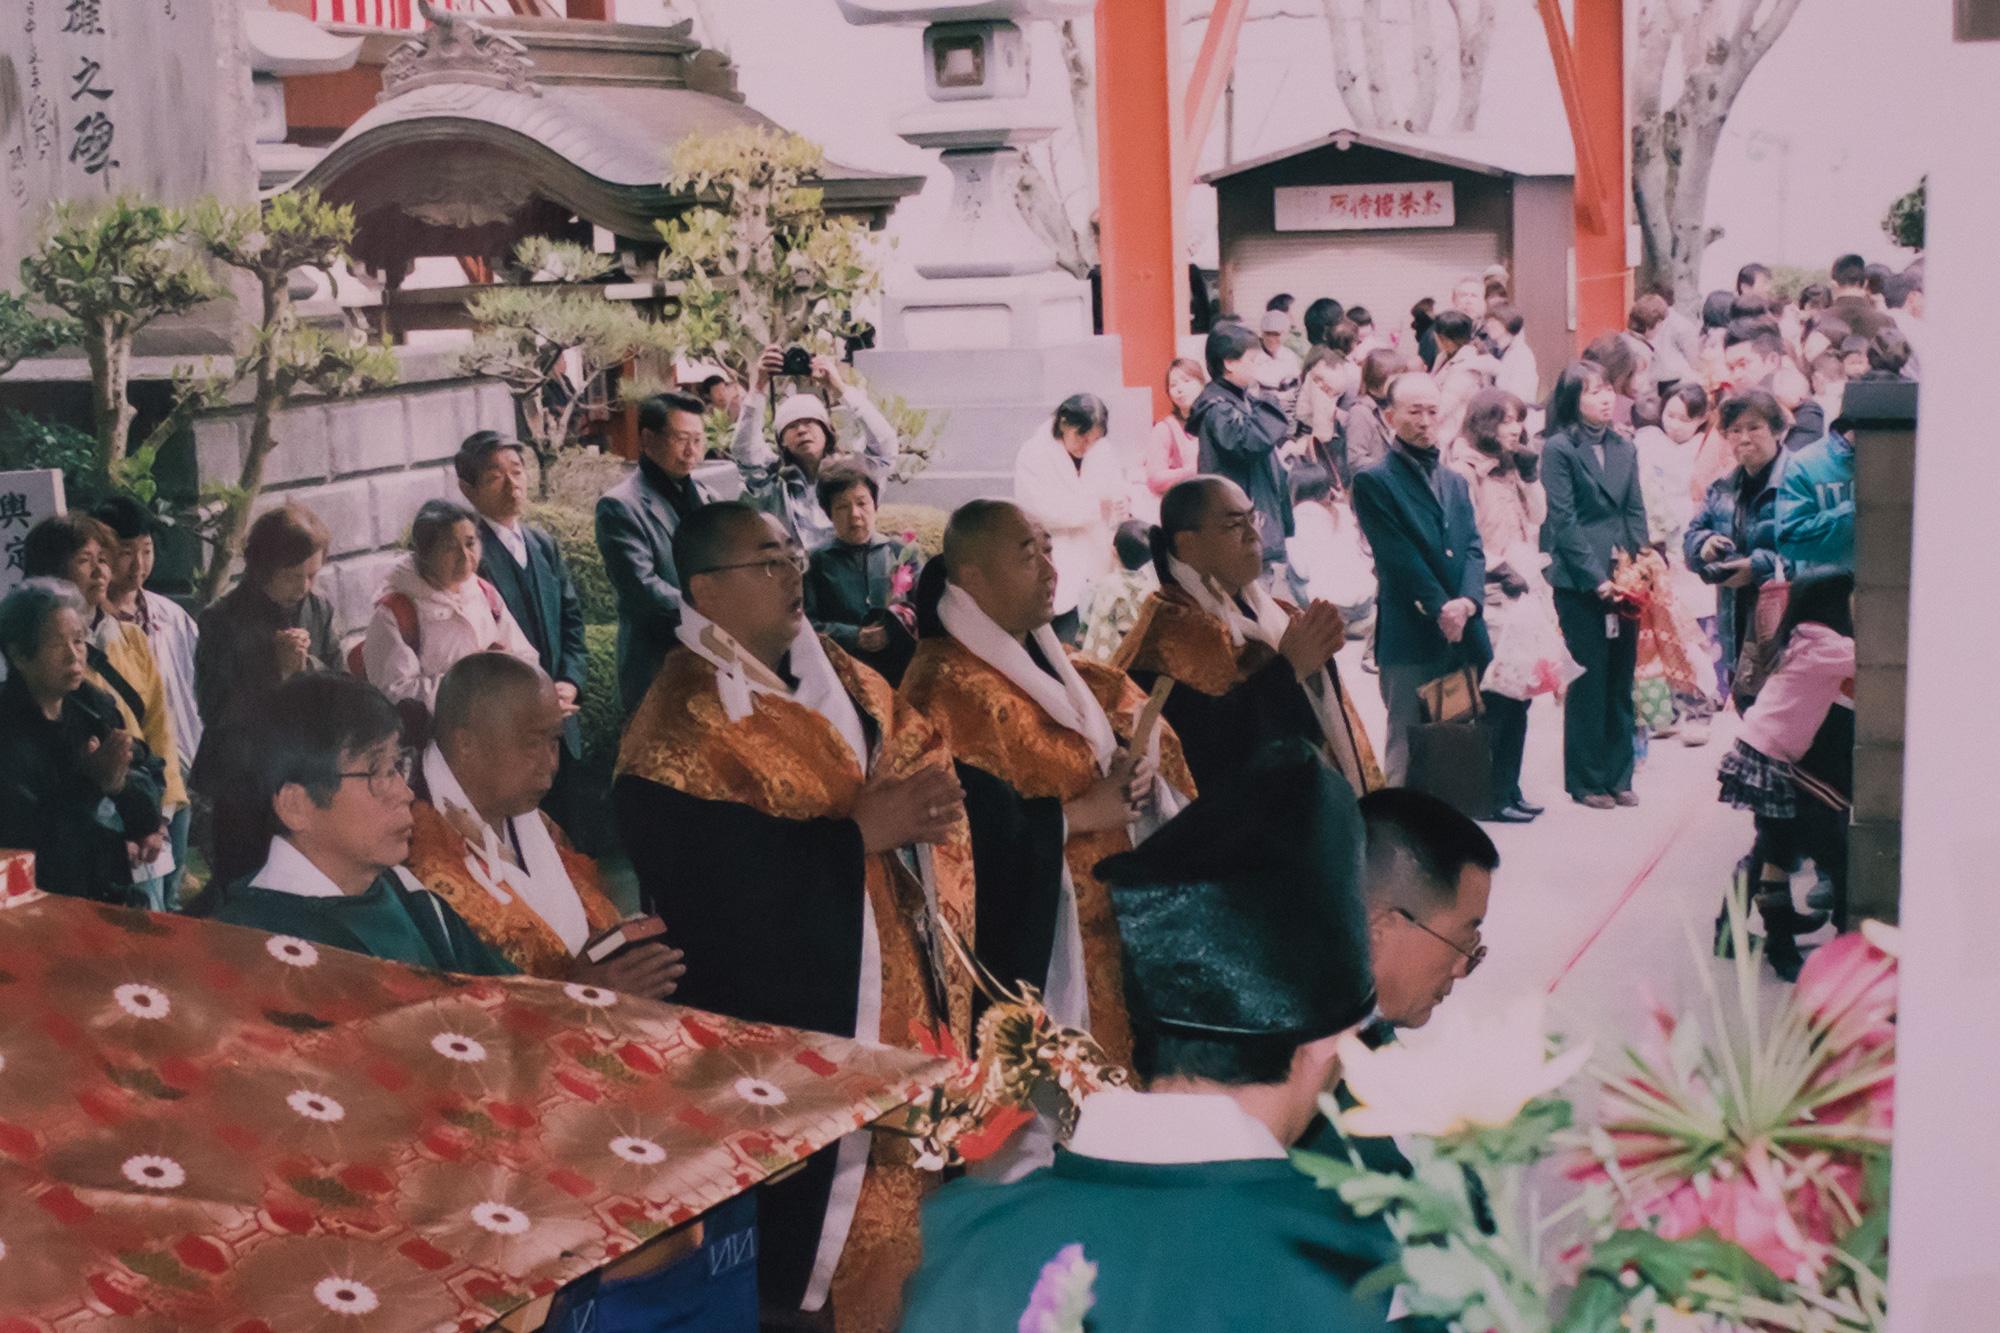 開創百年祭行道と稚児行列